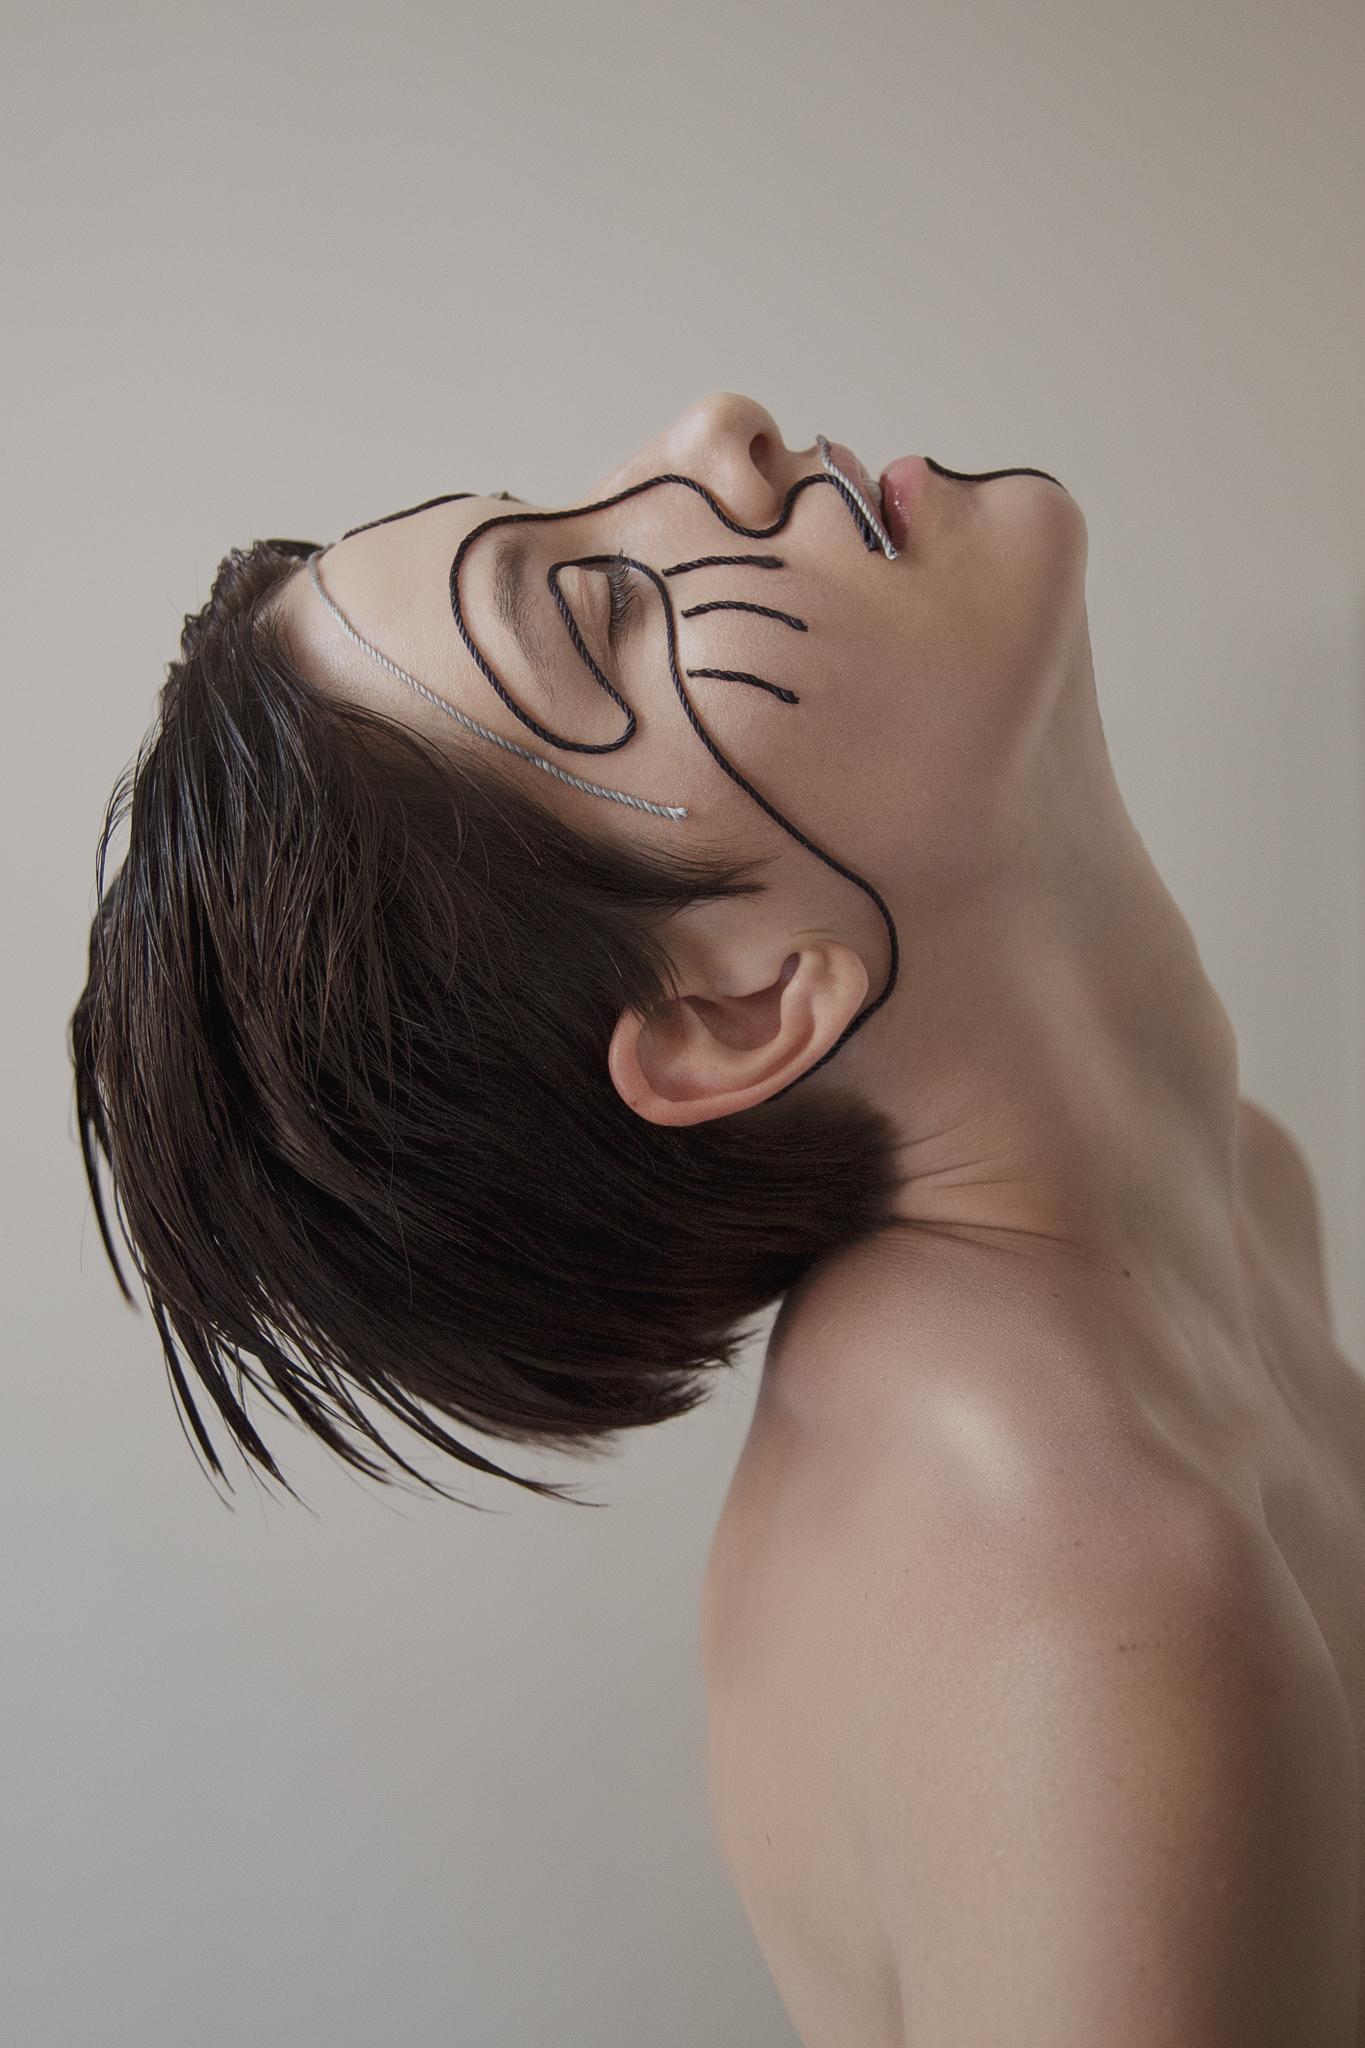 Lines Blanc Magazine Simone Chi - simonechiappinelli | ello